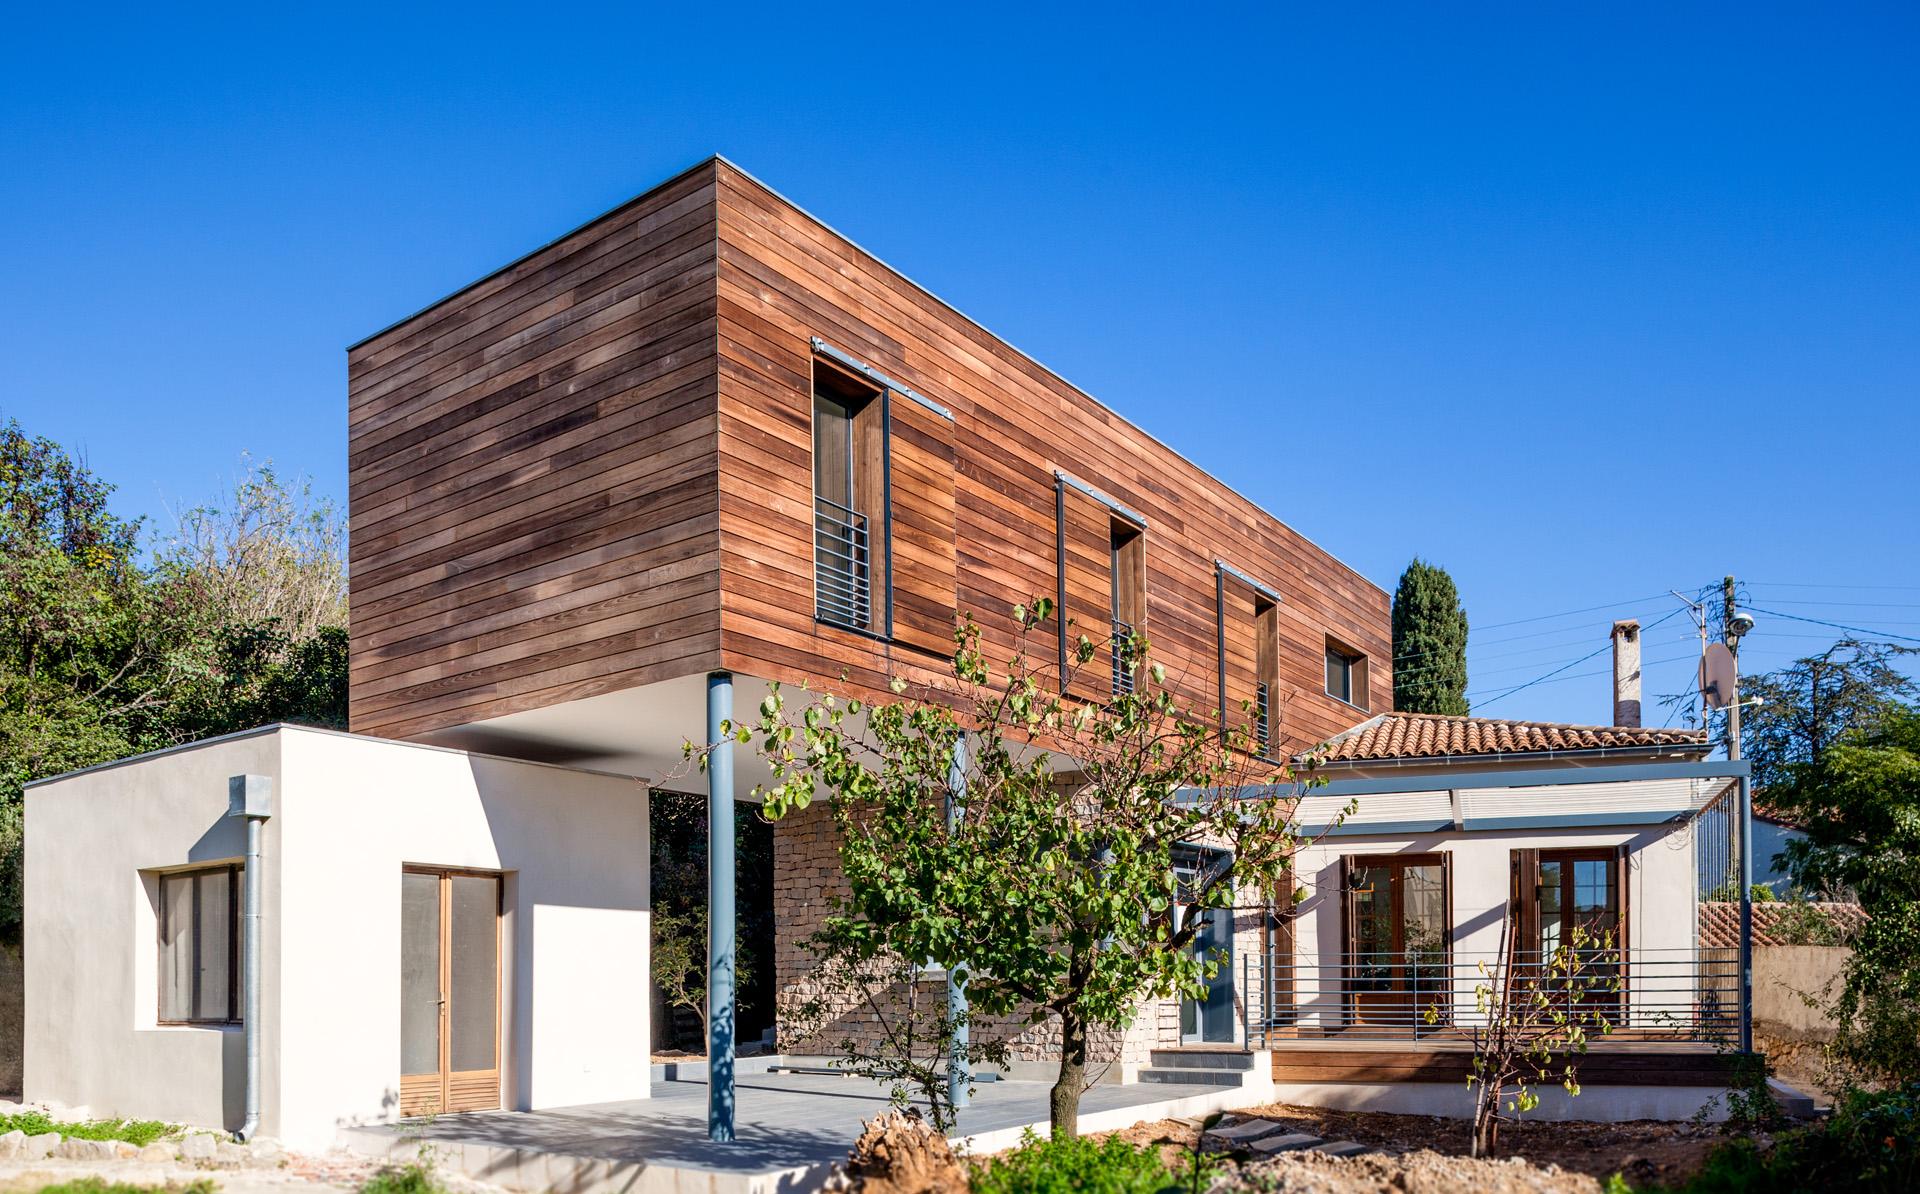 Surelevation maison bois montpellier for Budget extension maison